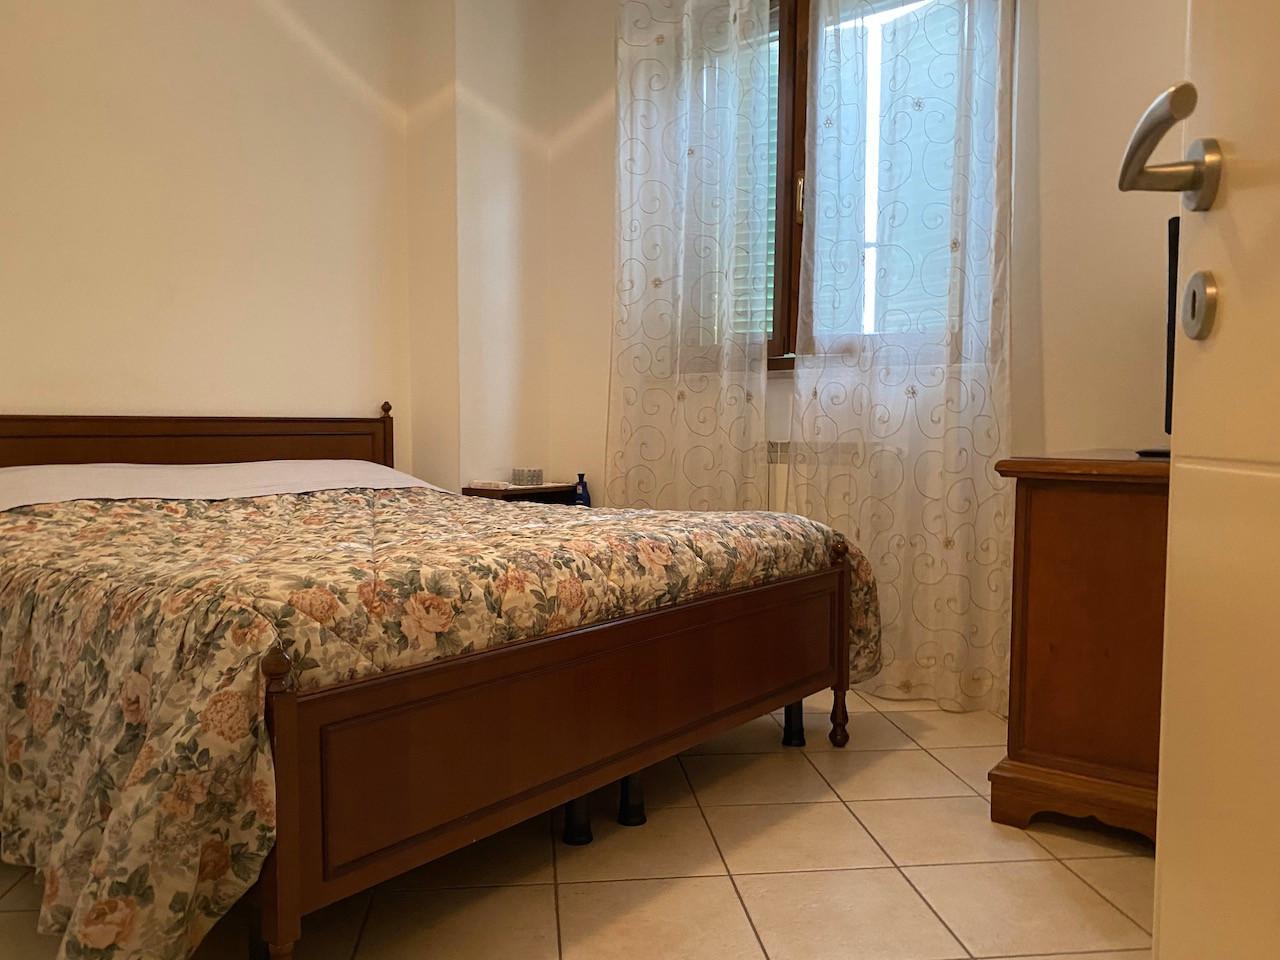 Villetta a schiera in vendita, rif. X258